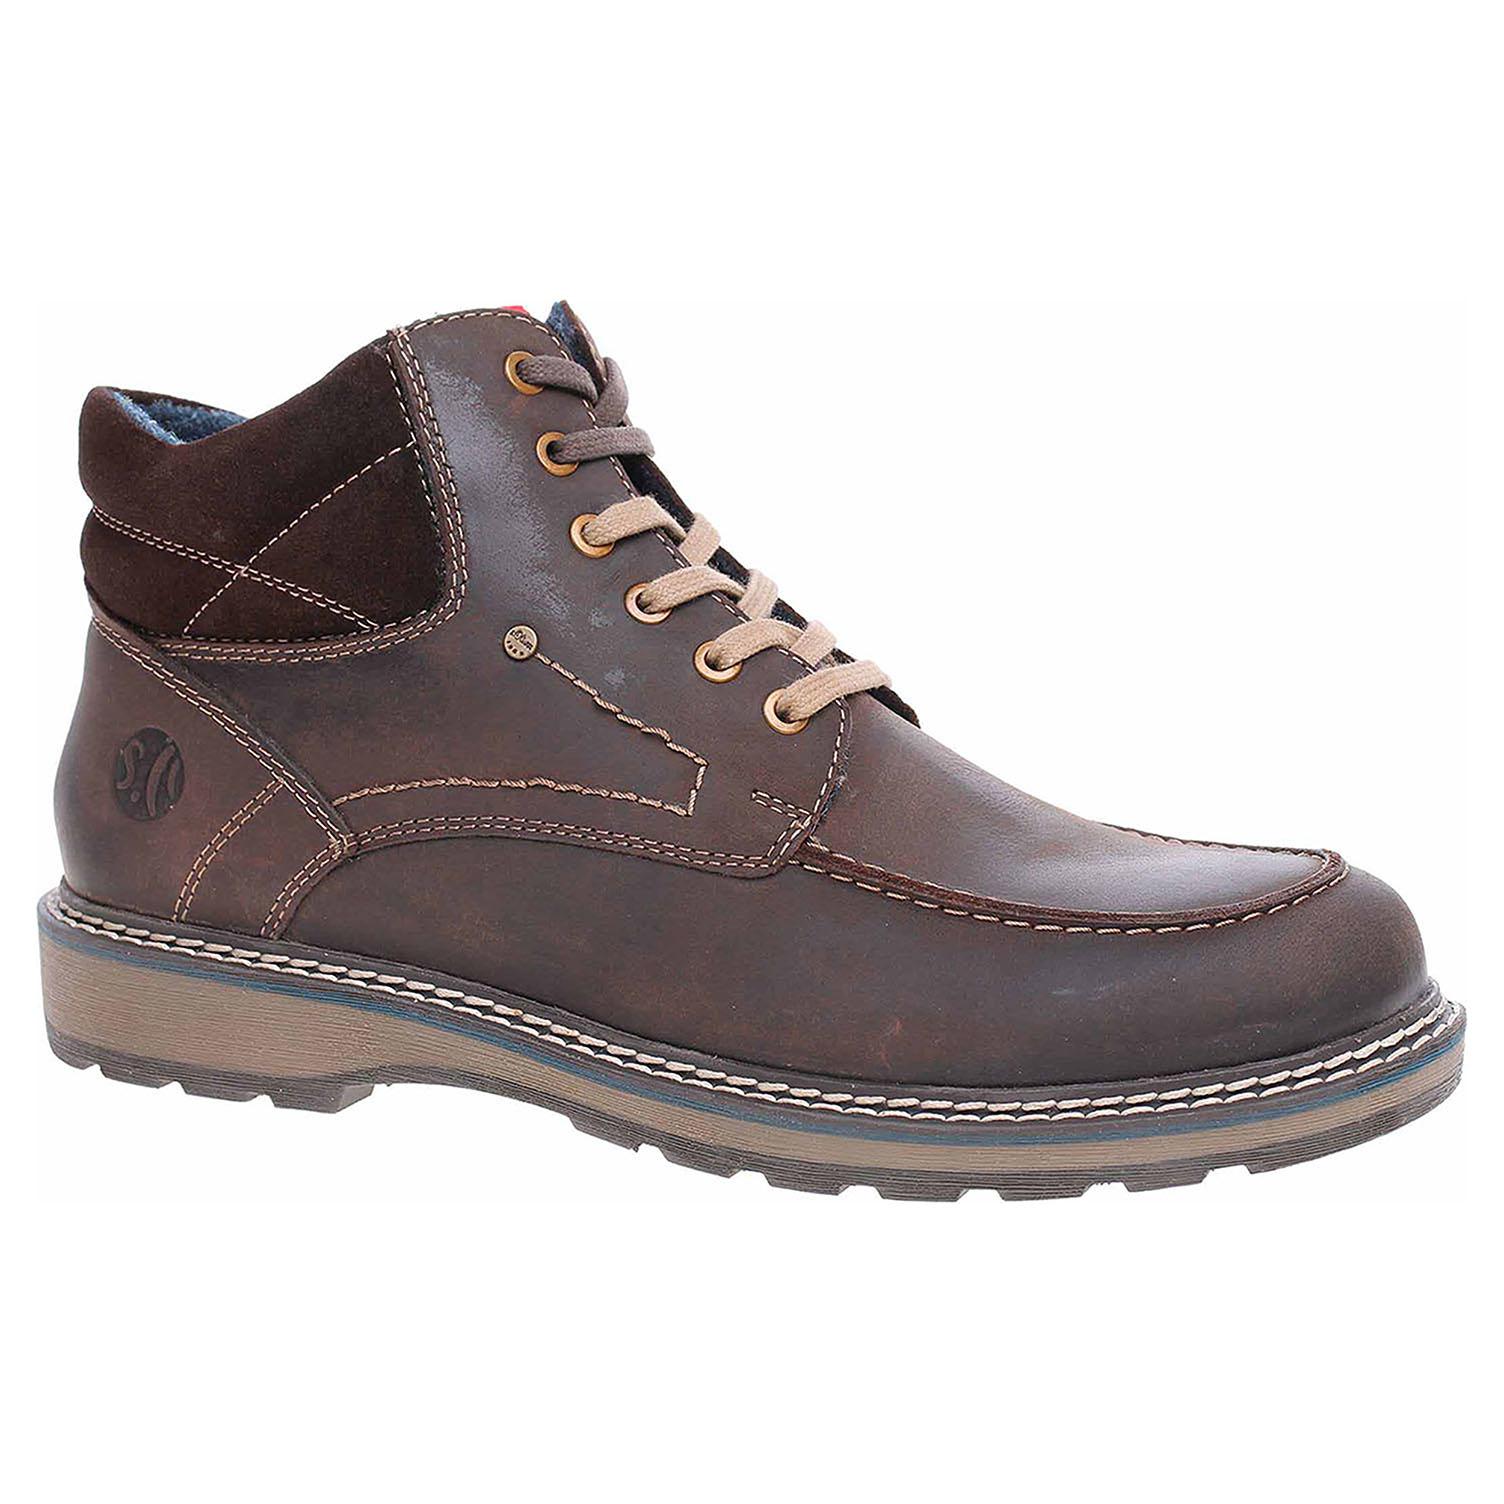 Pánská kotníková obuv s.Oliver 5-15217-21 coffee 5-5-15217-21 367 45